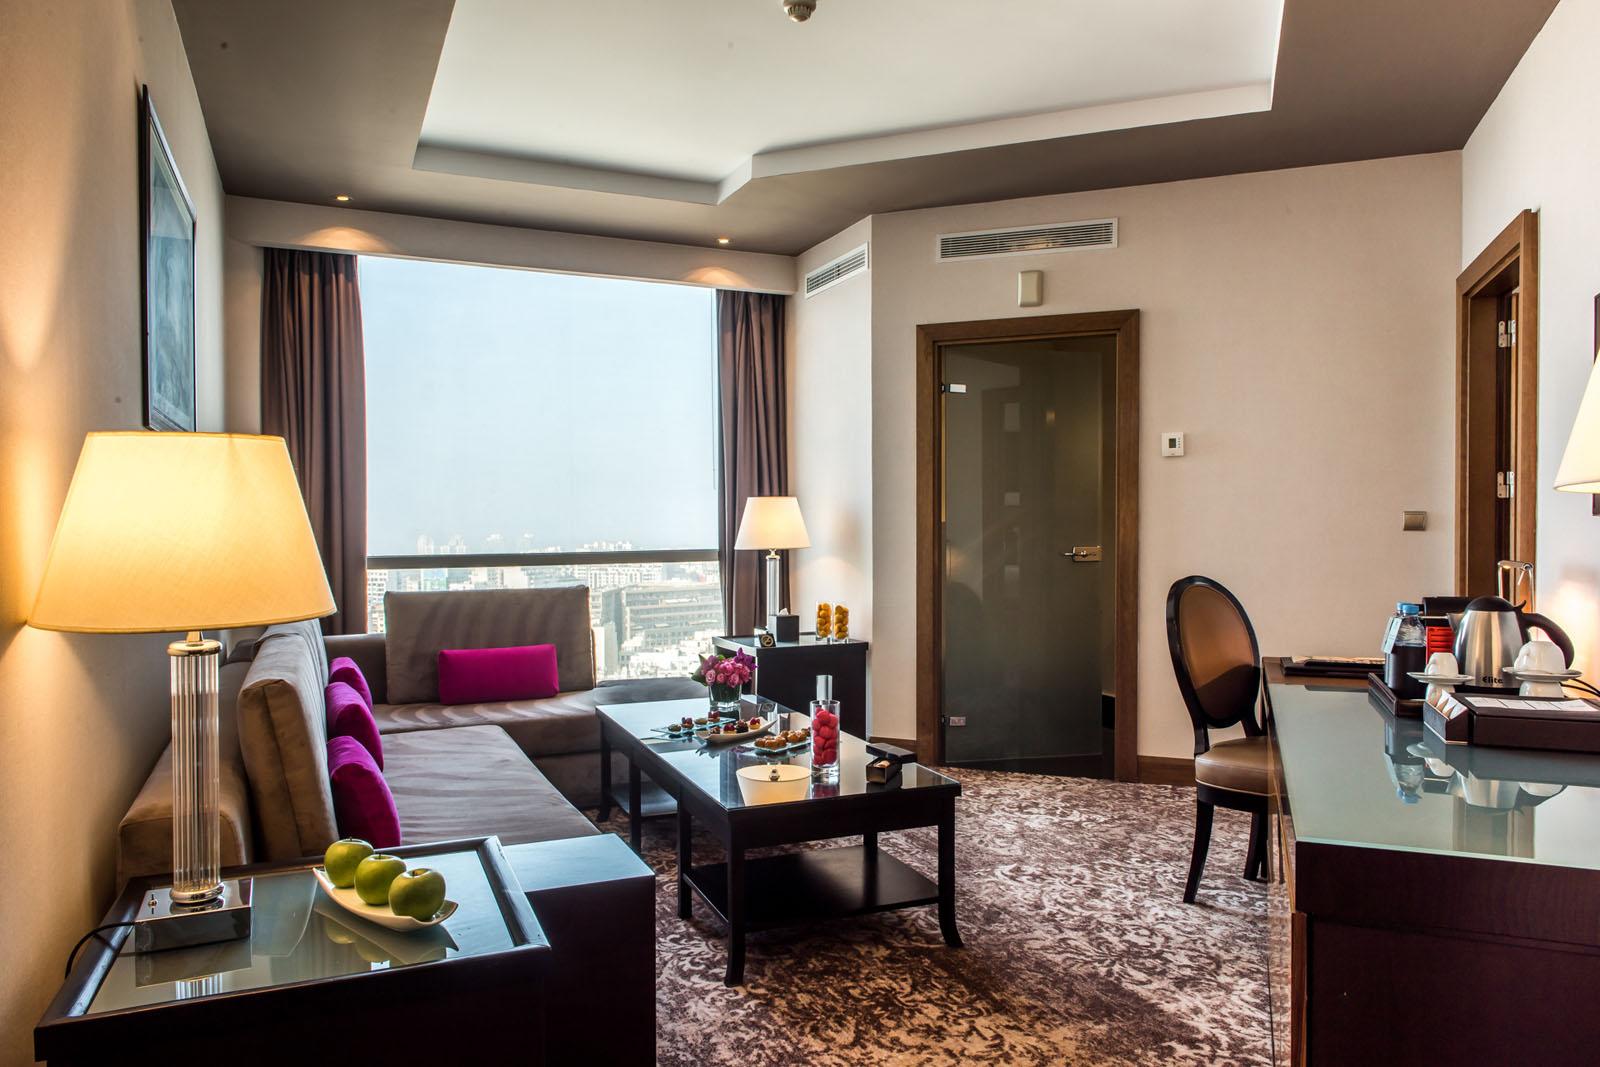 Premium Suite at Kenzi Tower Hotel in central Casablanca, Morocc